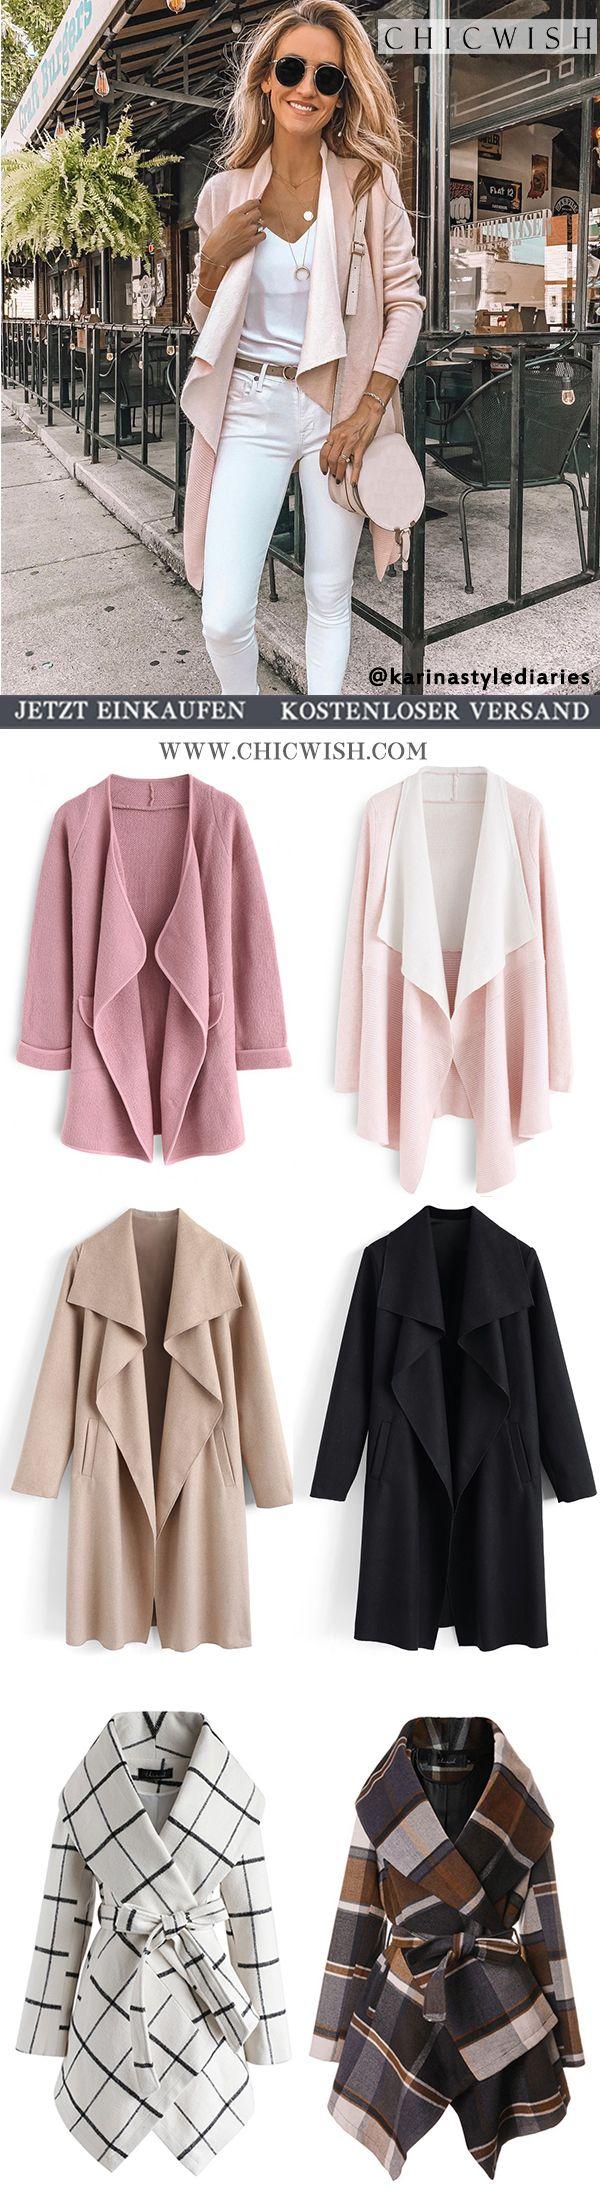 Chicwish jackets